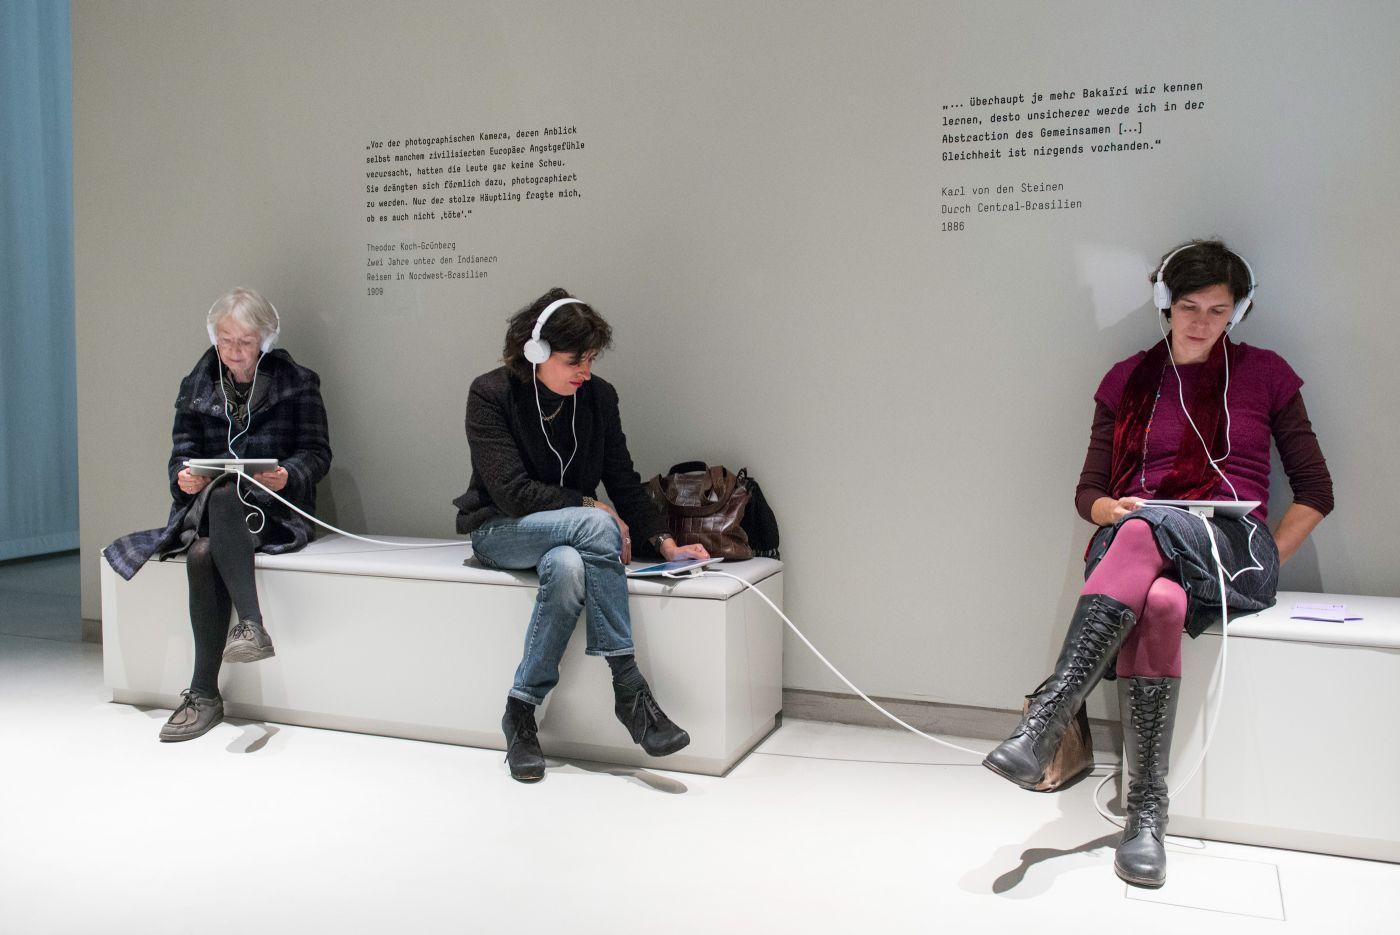 chezweitz | Fotografien berühren - Humboldt Lab im Ethnologischen Museum Berlin